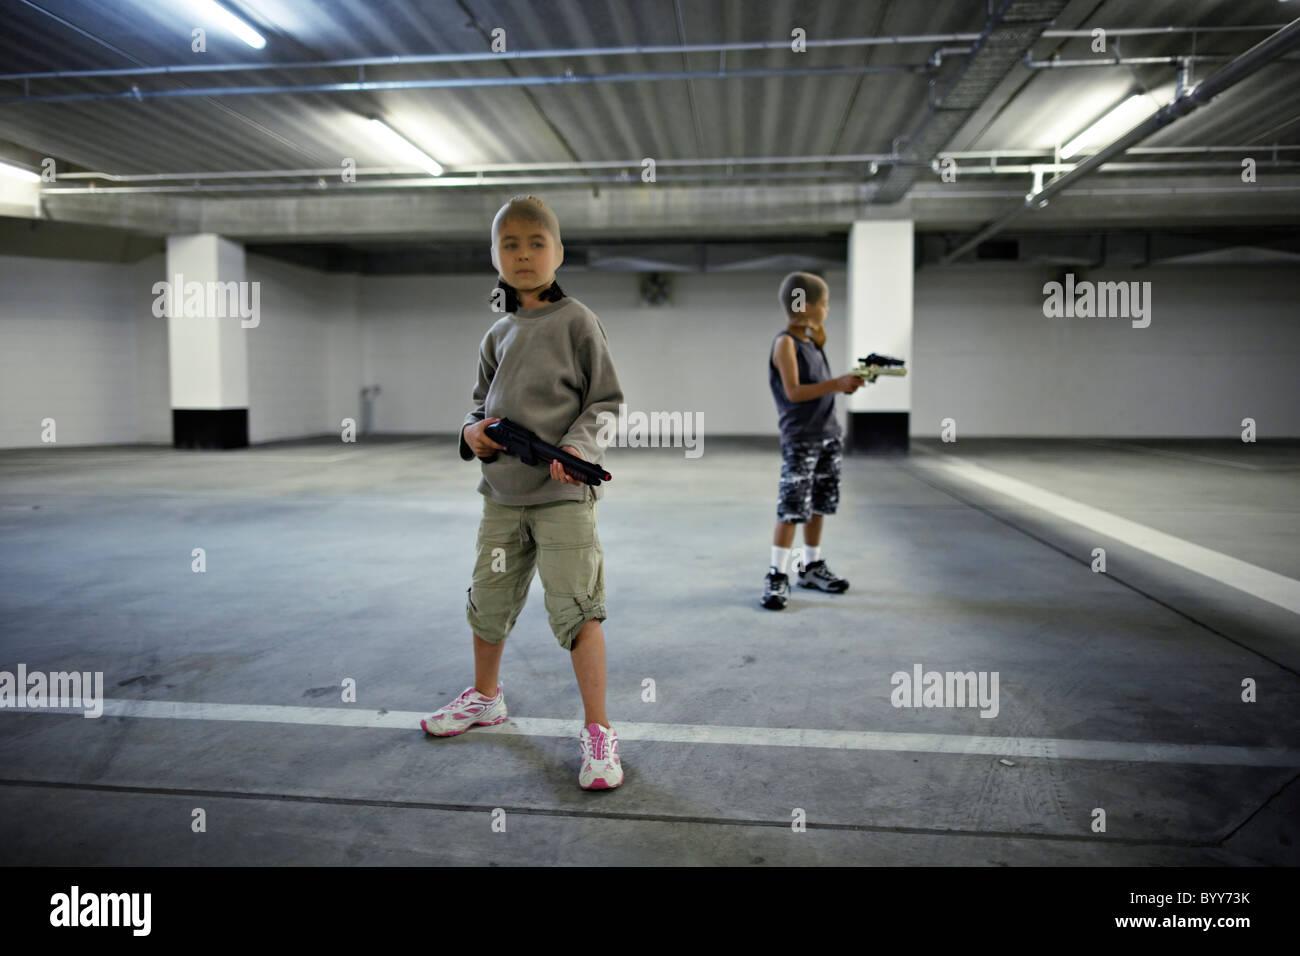 Crianças com factor de máscaras e armas de brinquedo no parque de estacionamento subterrâneo preparar Imagens de Stock